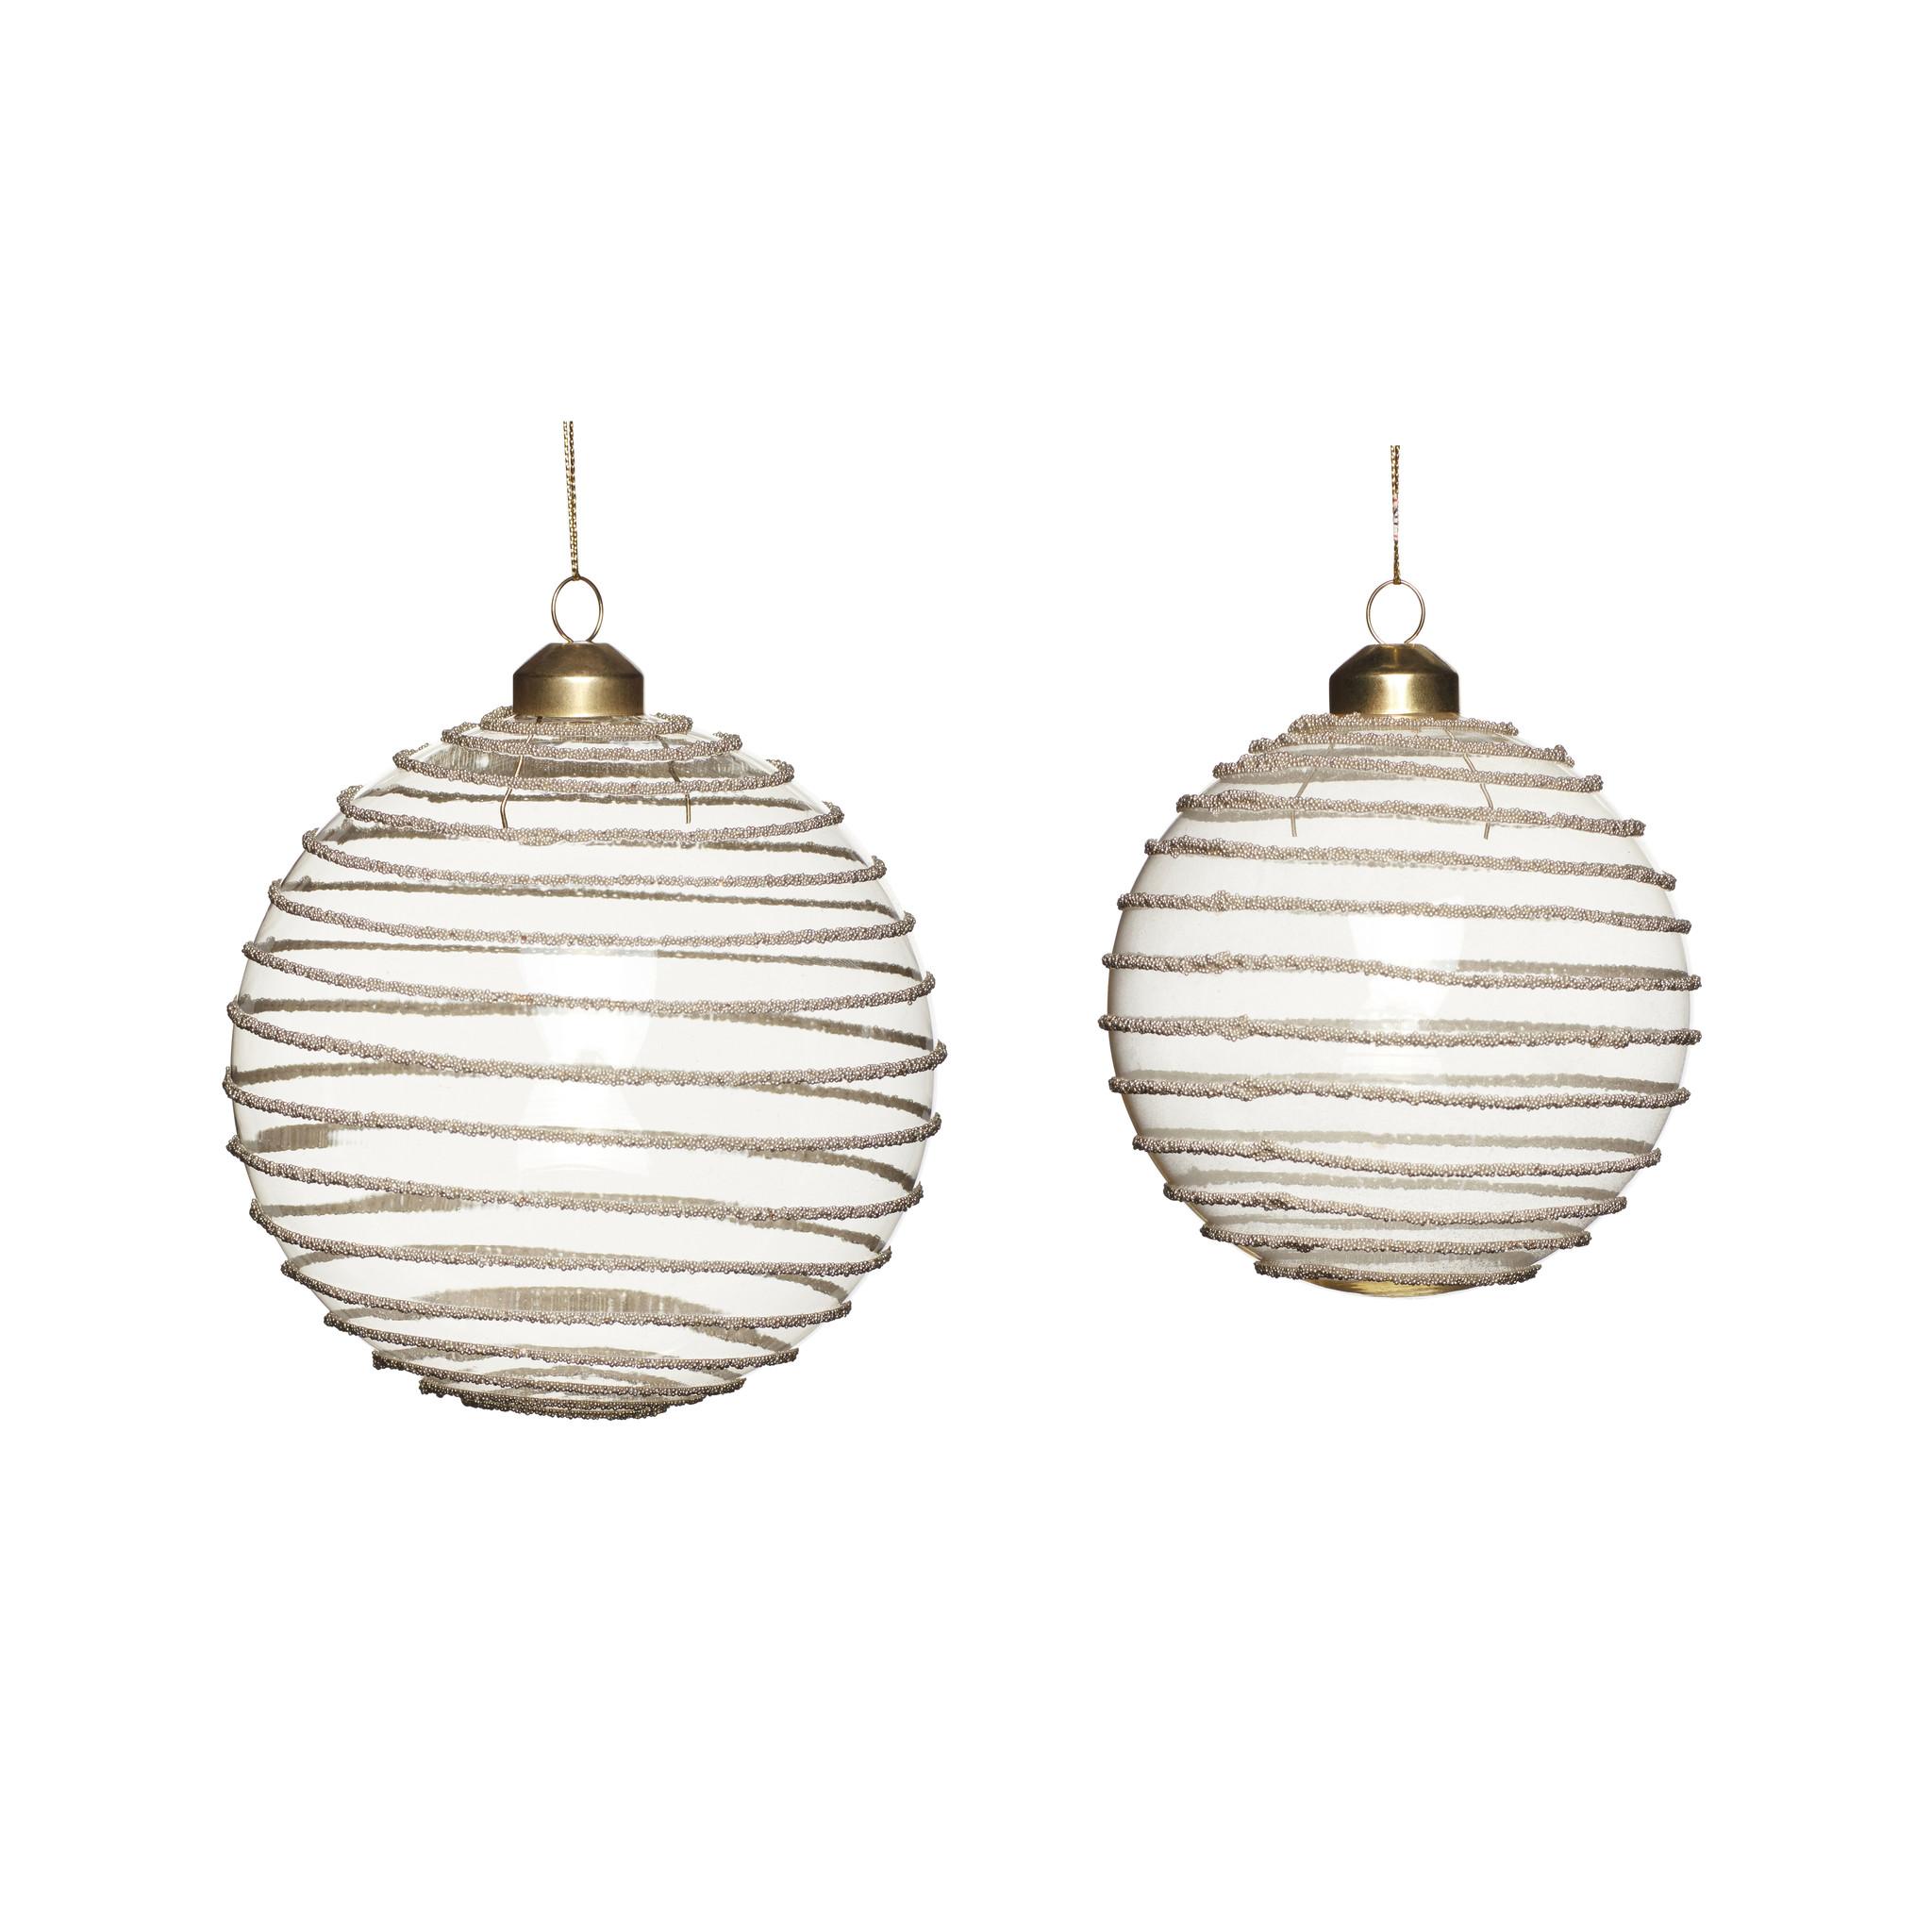 Hubsch Kerstbal, glas, helder / goud, set van 2